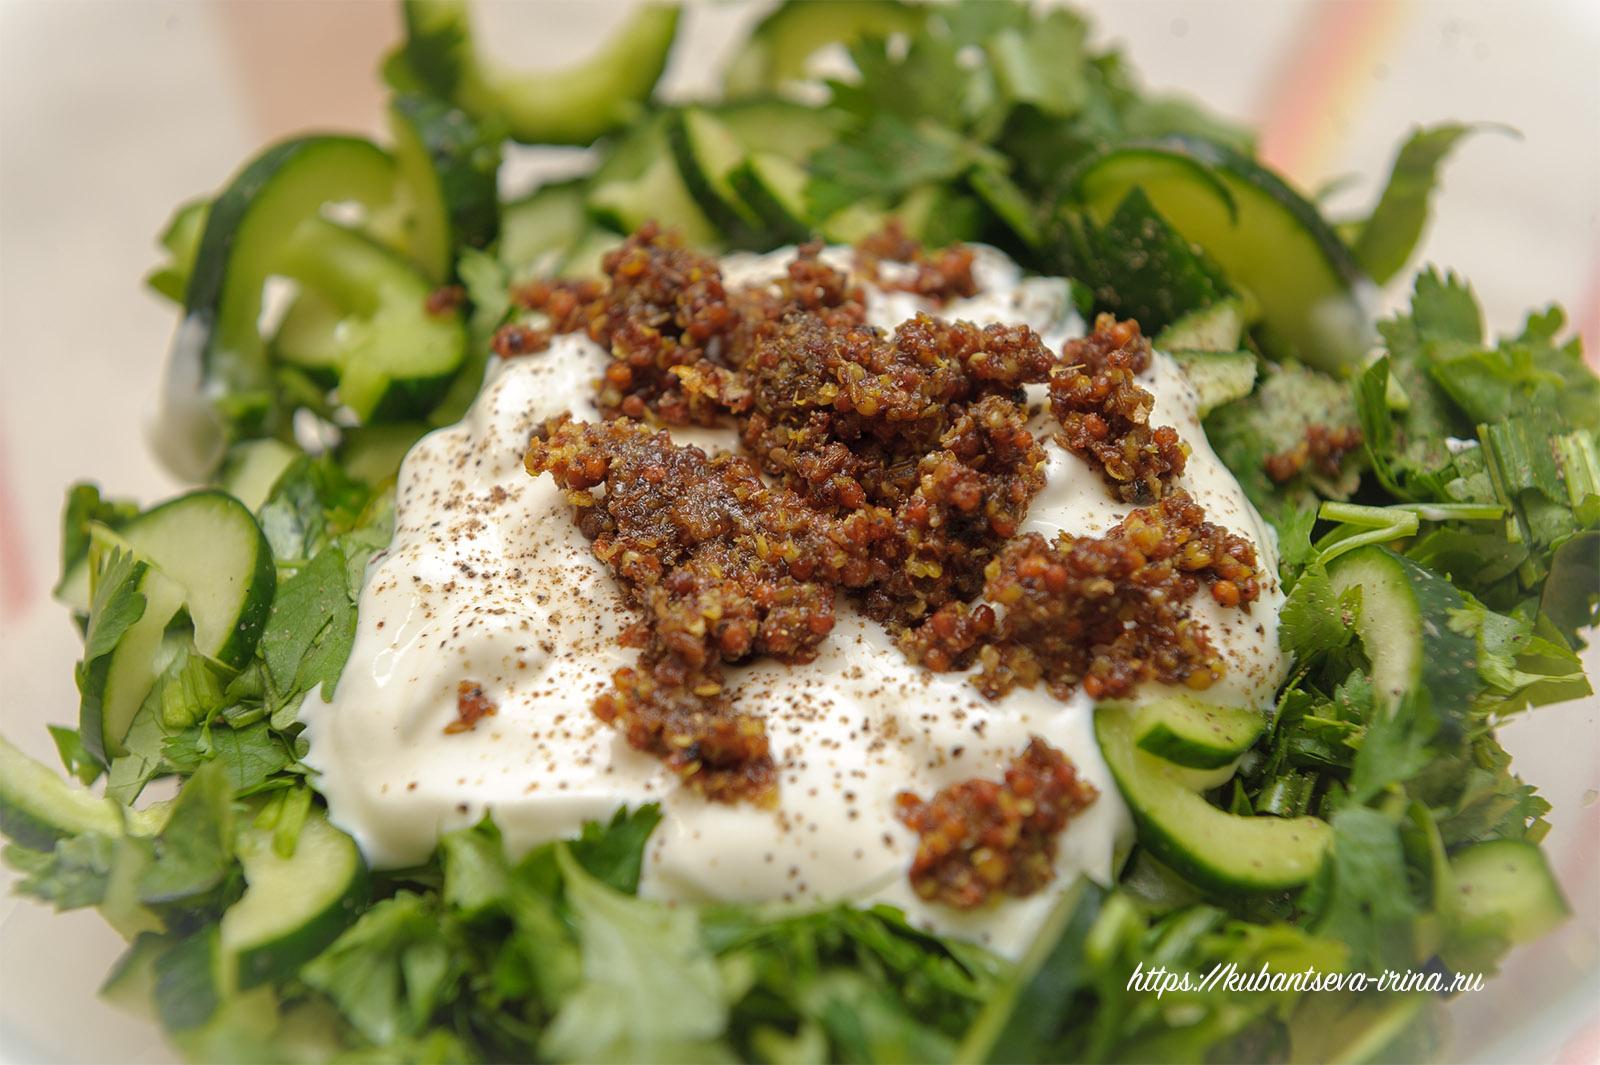 салат с индийским оттенком